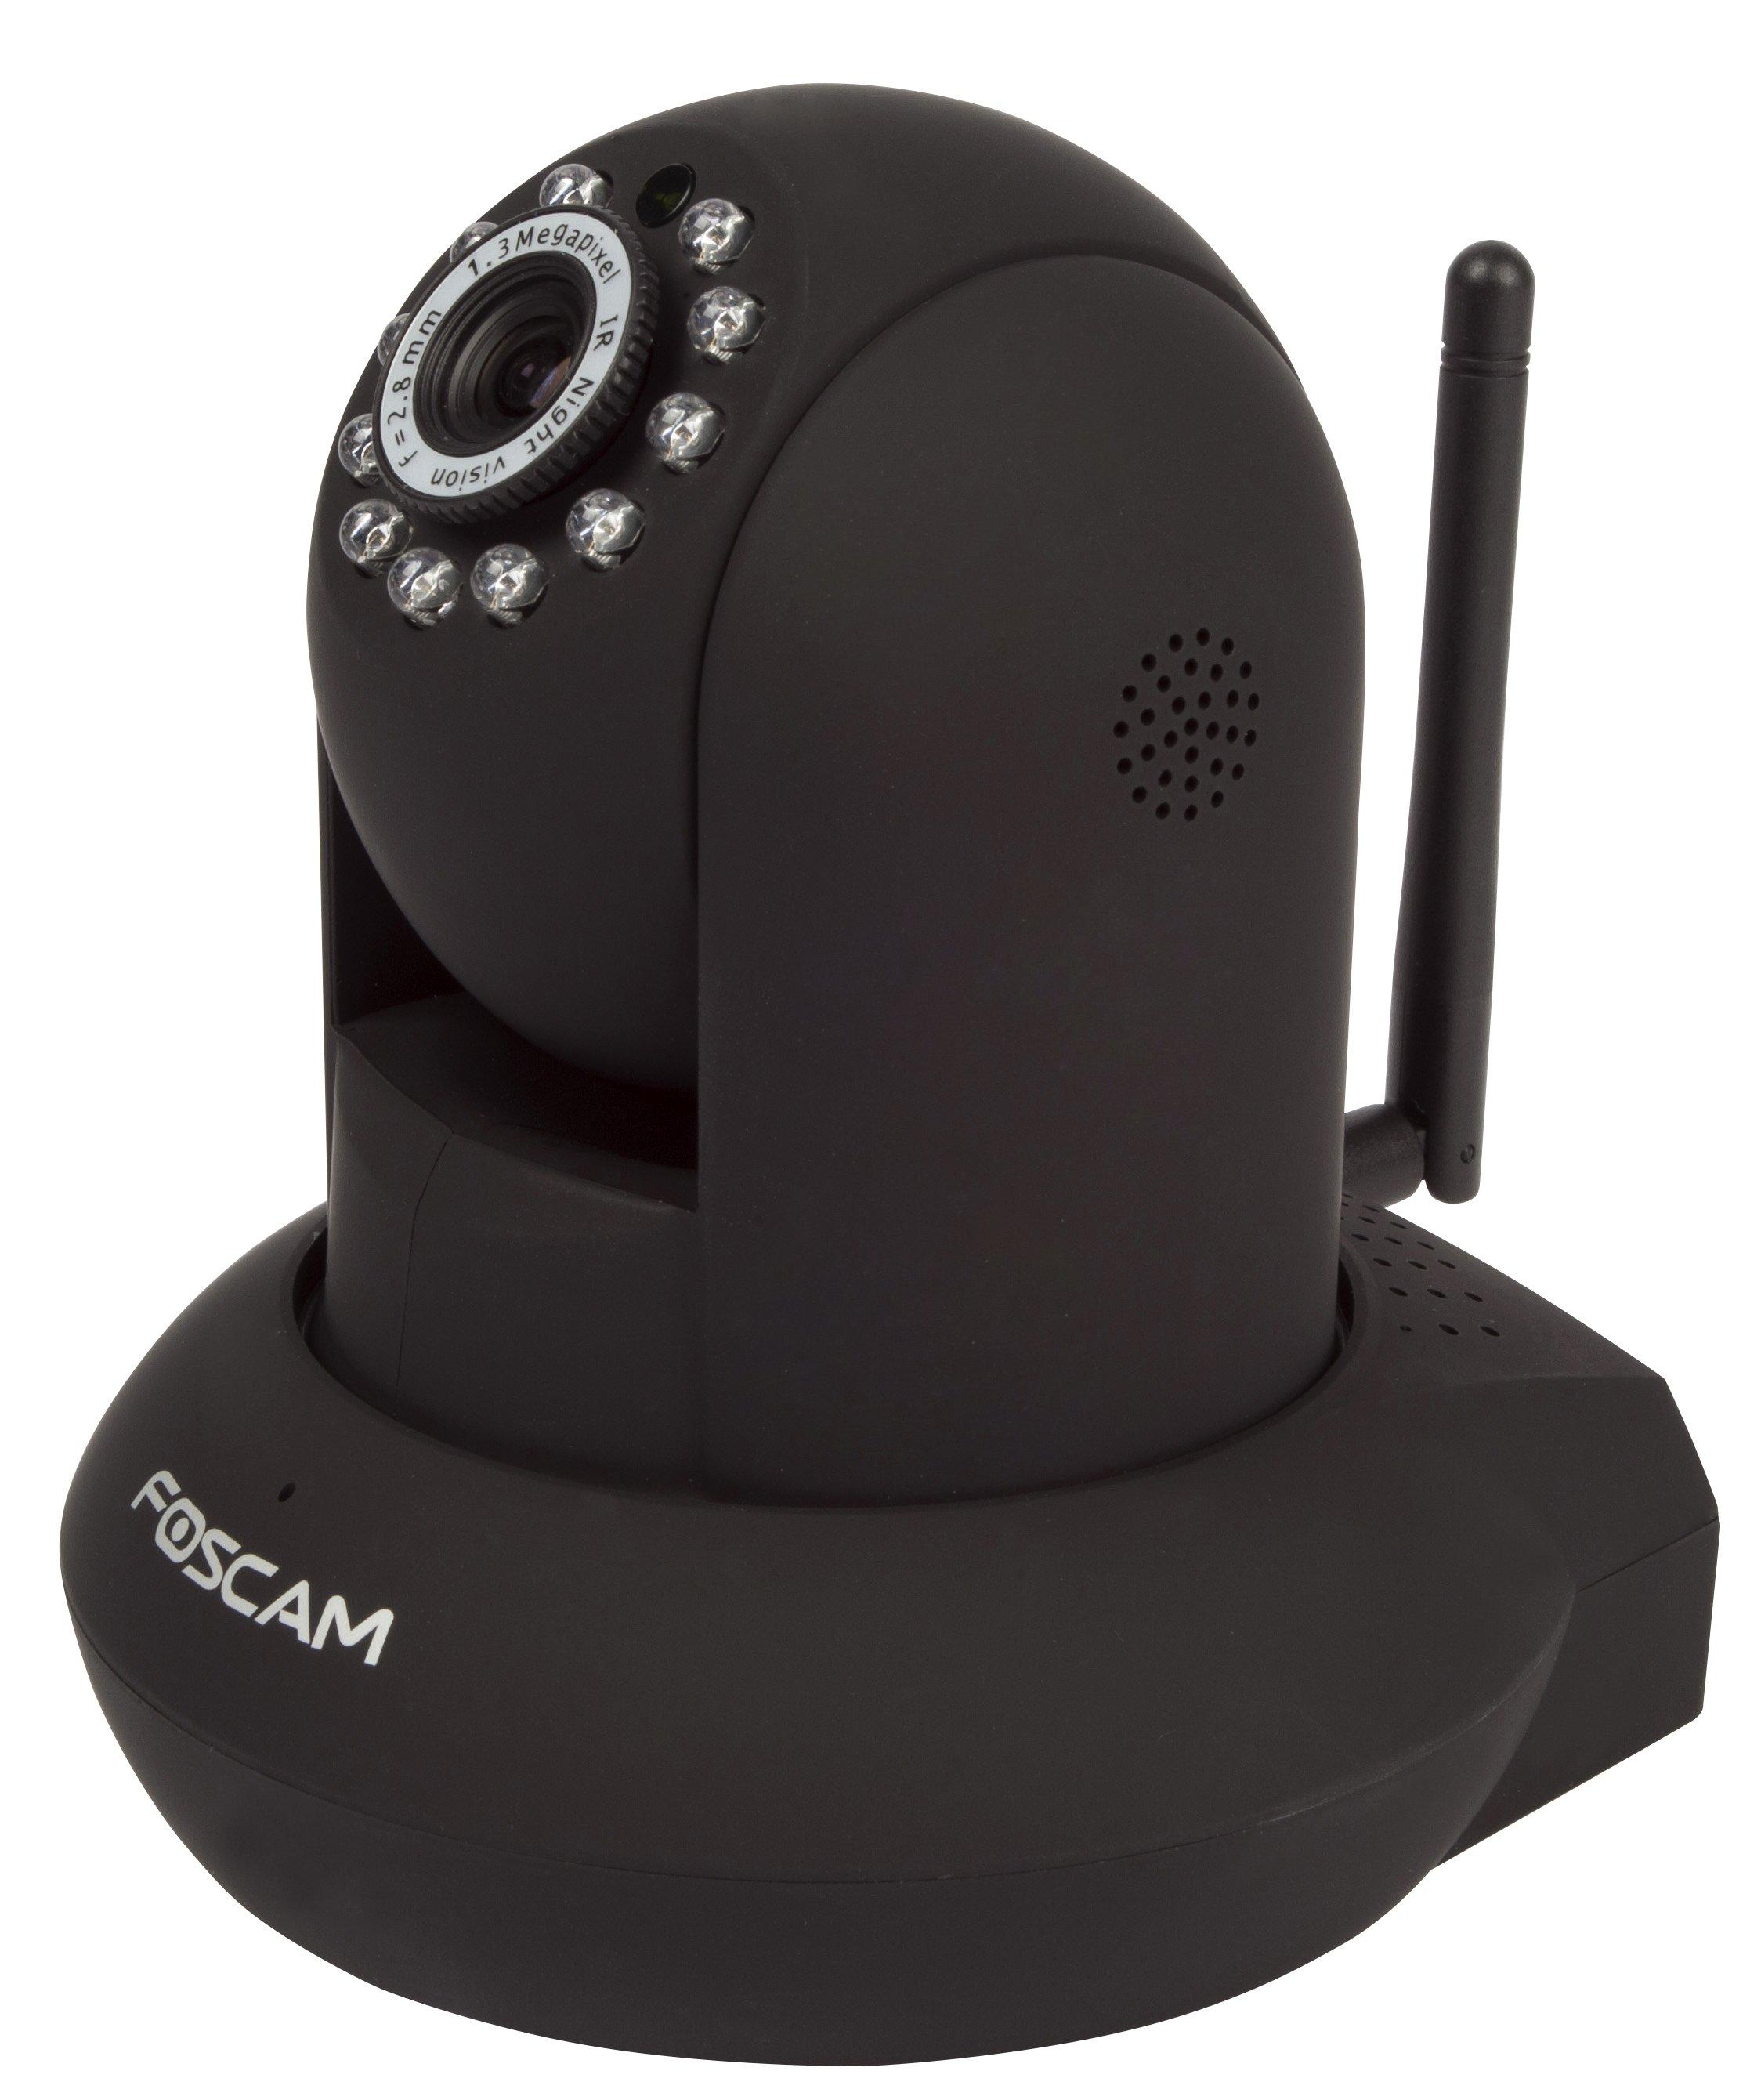 Foscam FI9831P review | Expert Reviews